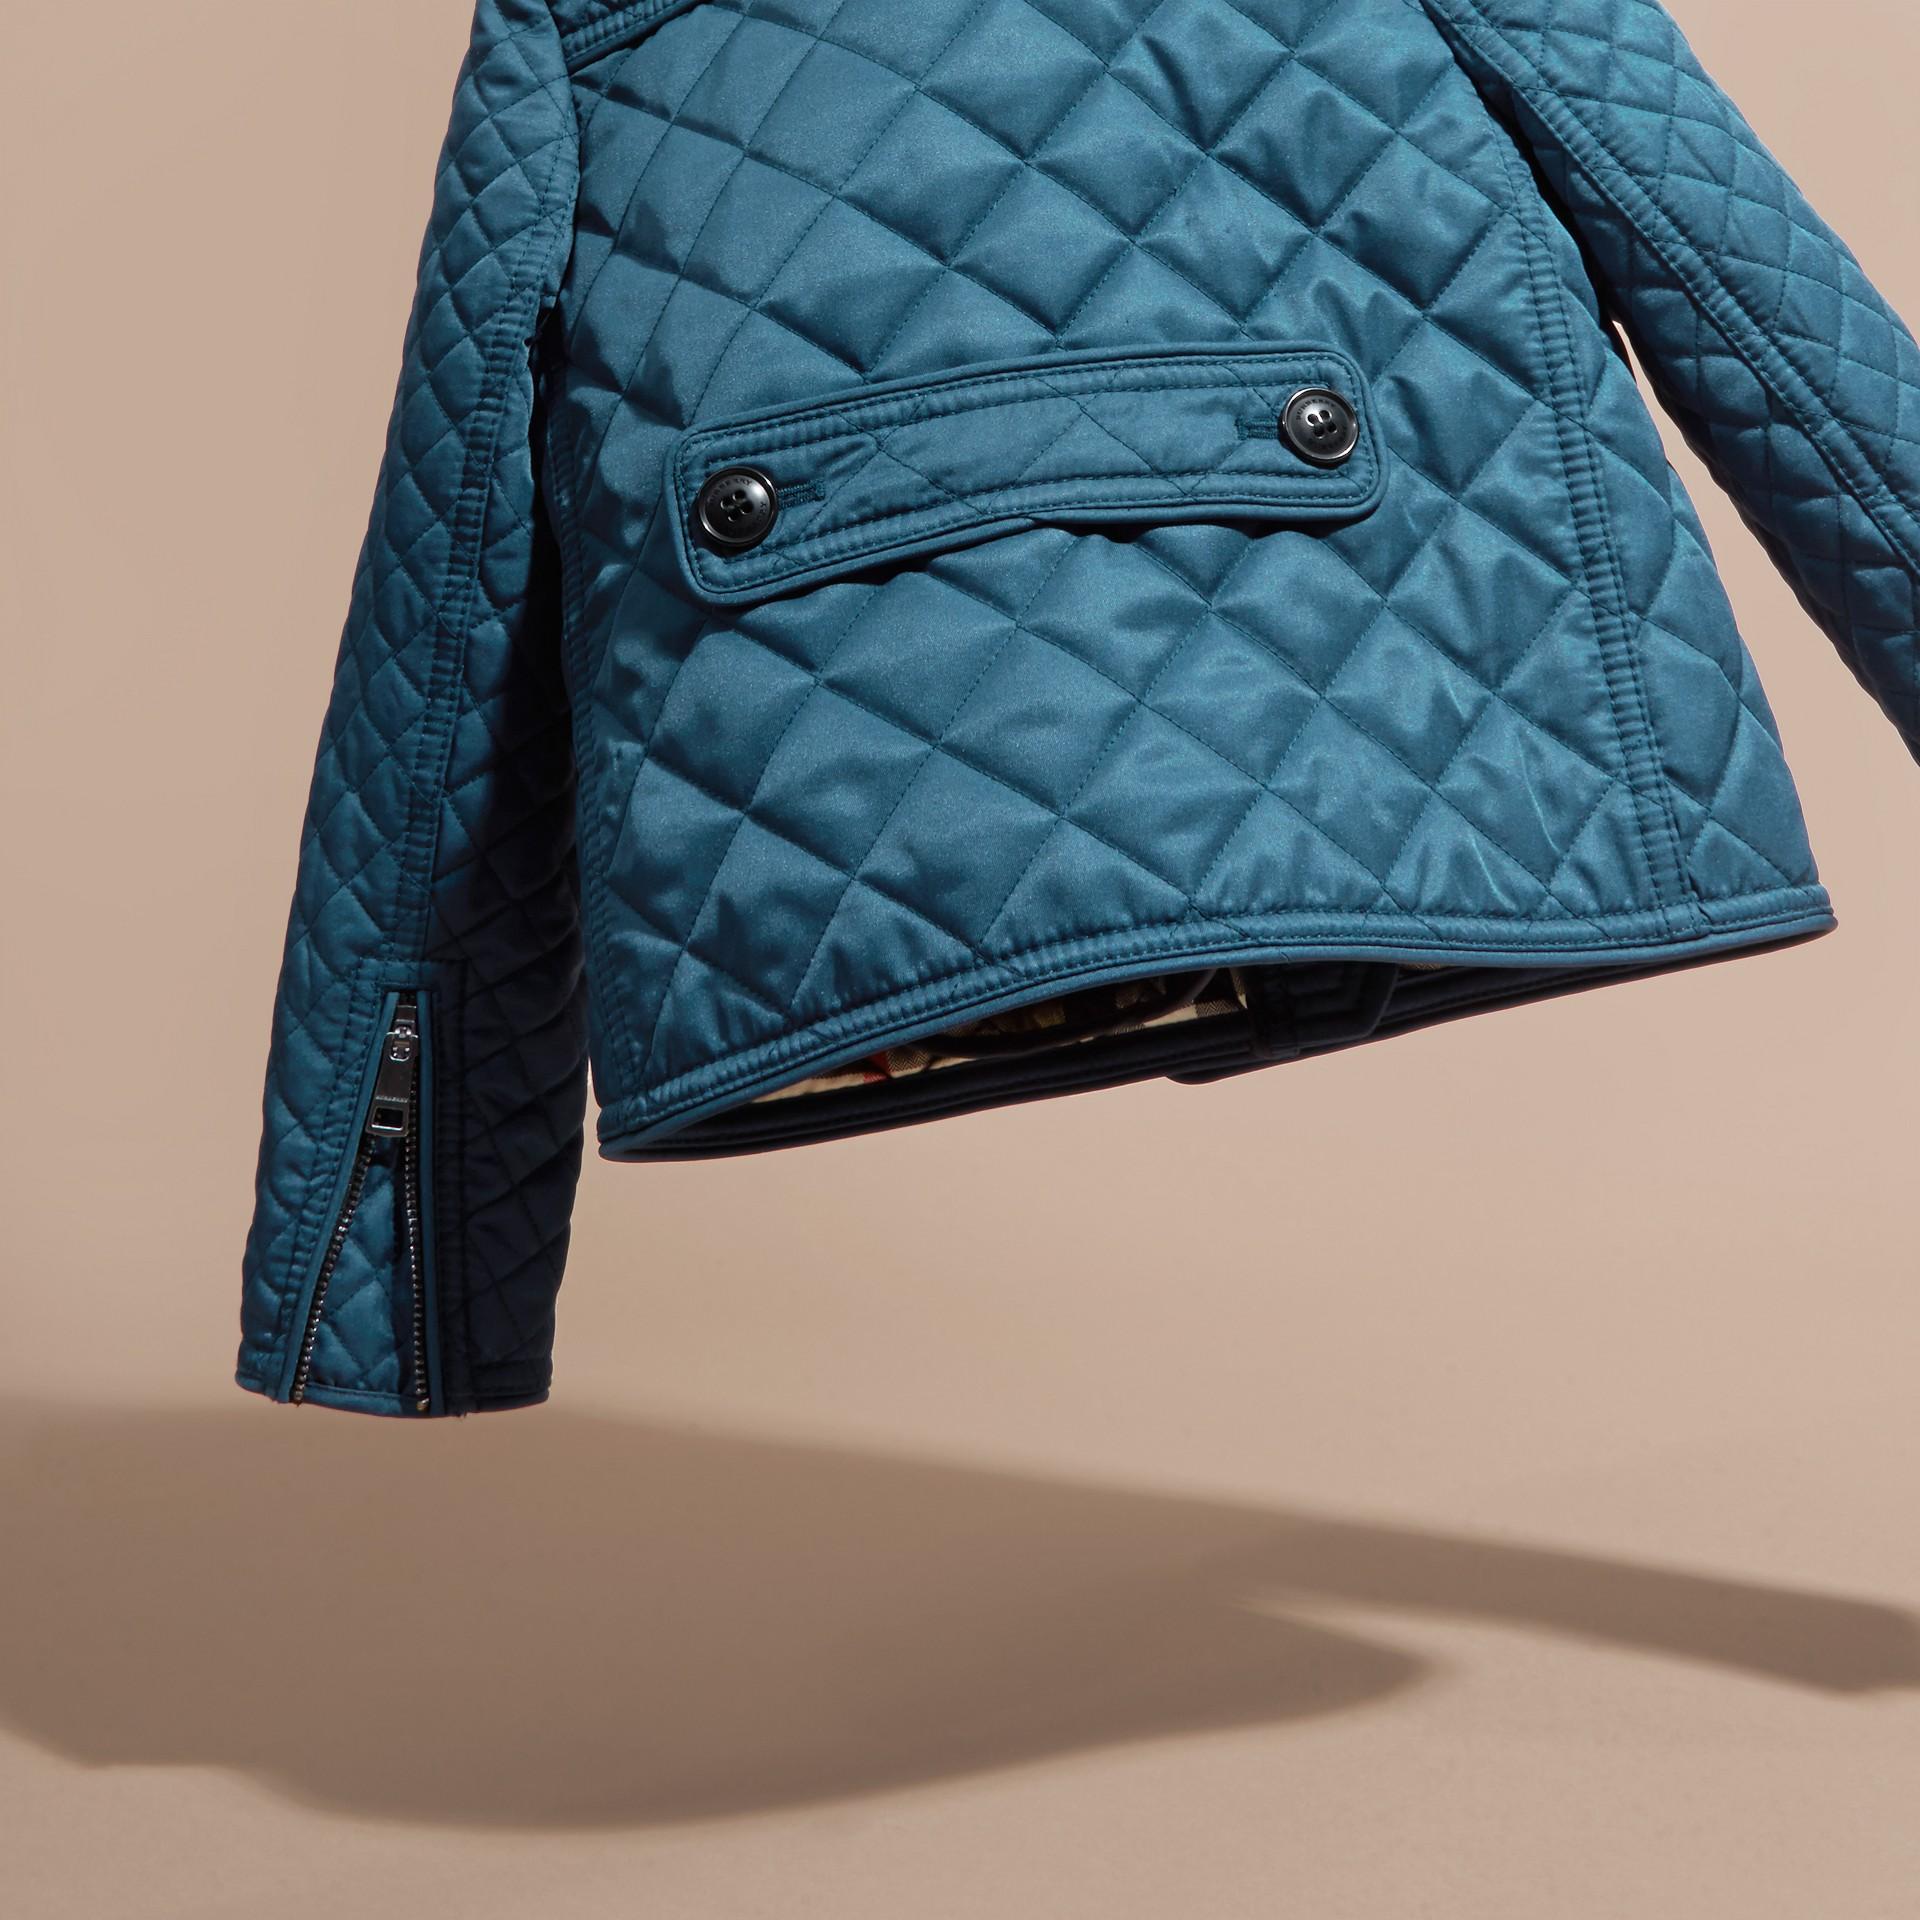 淡靛青 無領菱形絎縫外套 淡靛青 - 圖庫照片 4